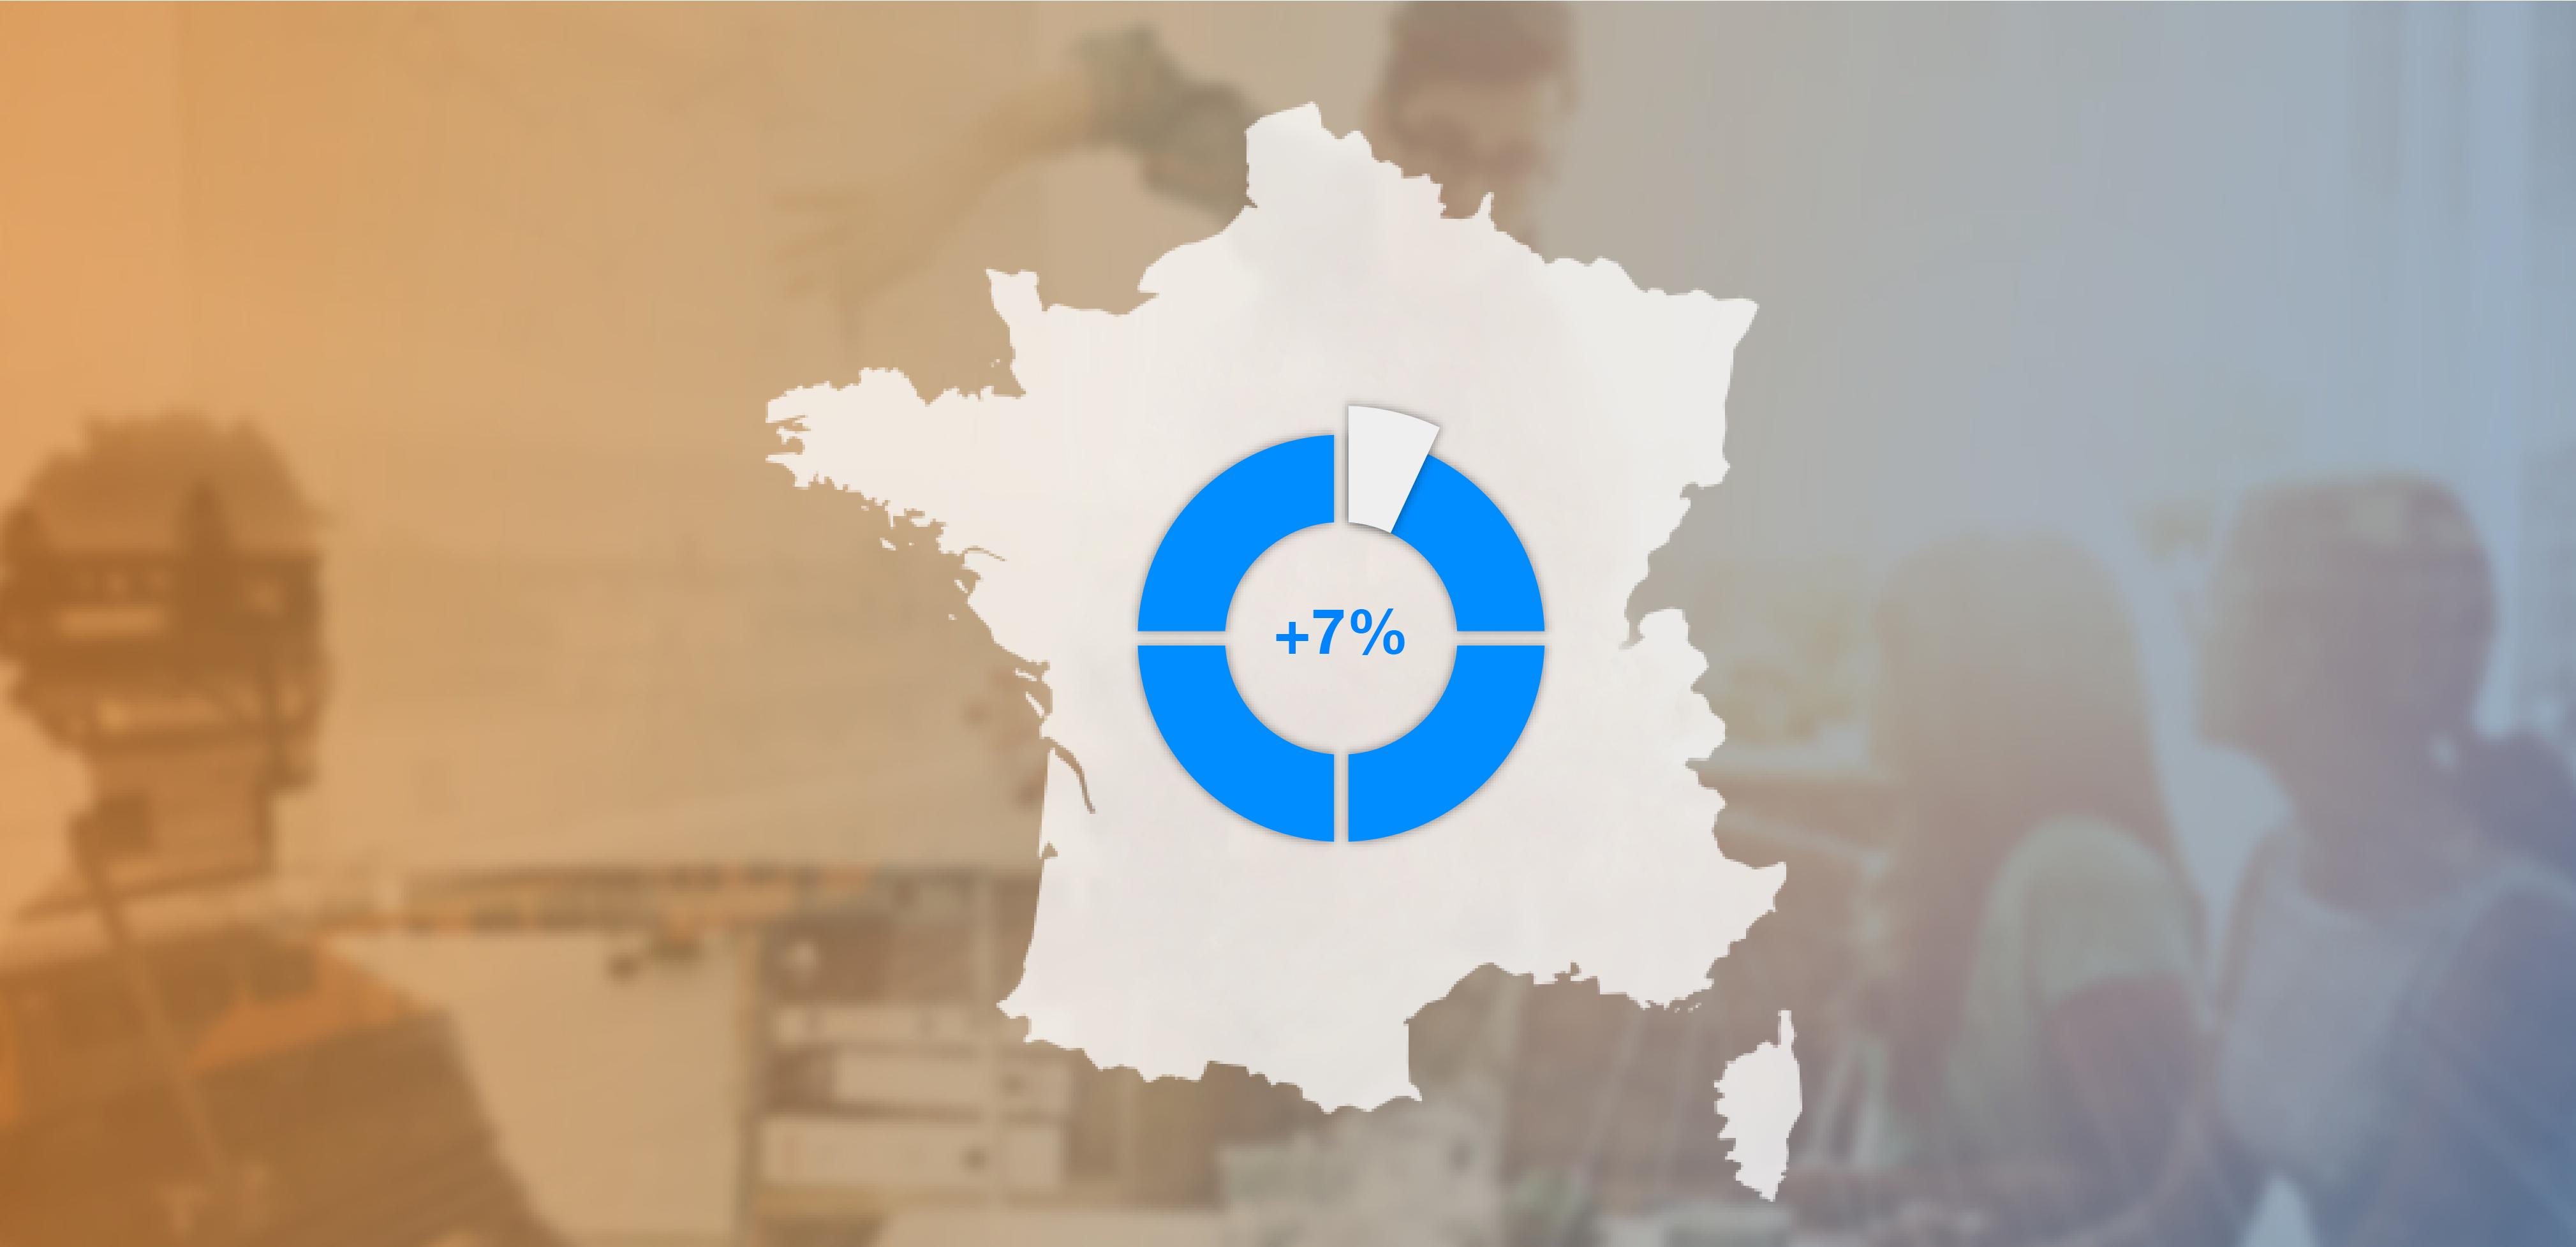 En France, des intentions d'embauche au plus haut depuis 12 ans pour début 2020